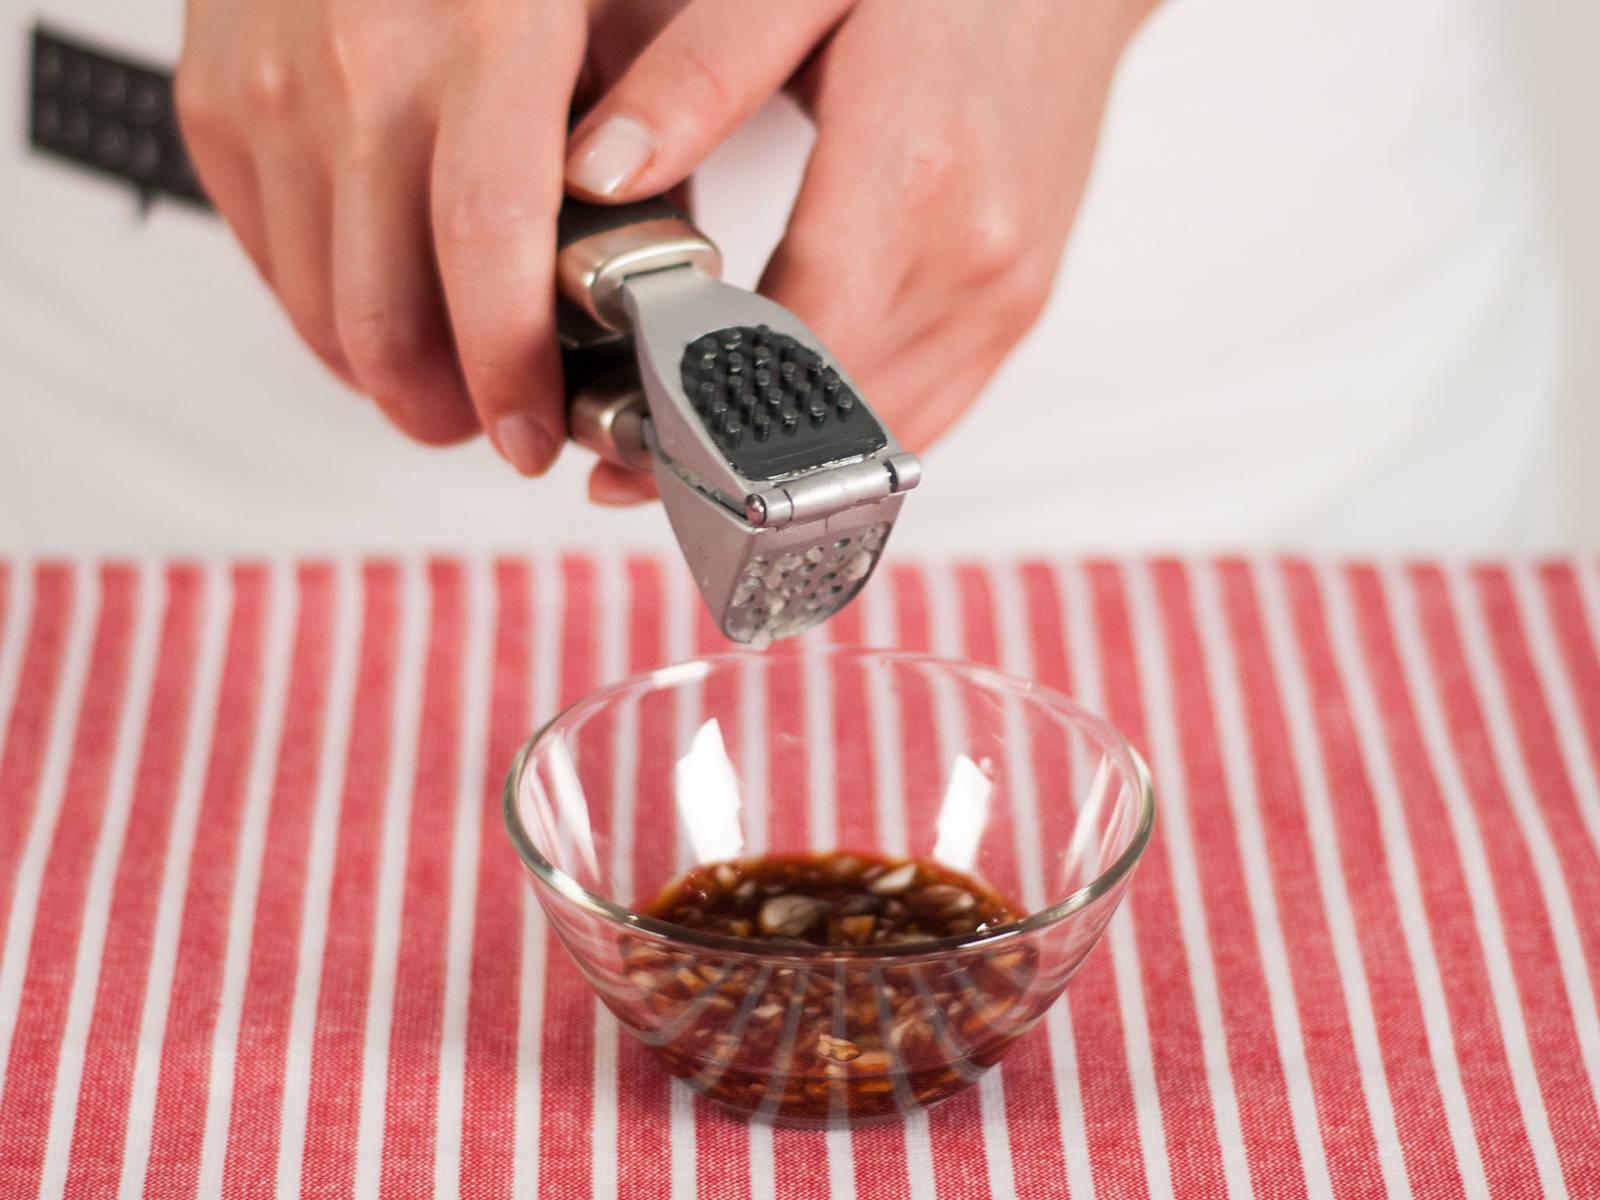 蒜酱汁的制作:用压蒜器将蒜压入小碗,加入醋和糖搅拌均匀。 用饺子配蒜酱汁趁热享用吧!